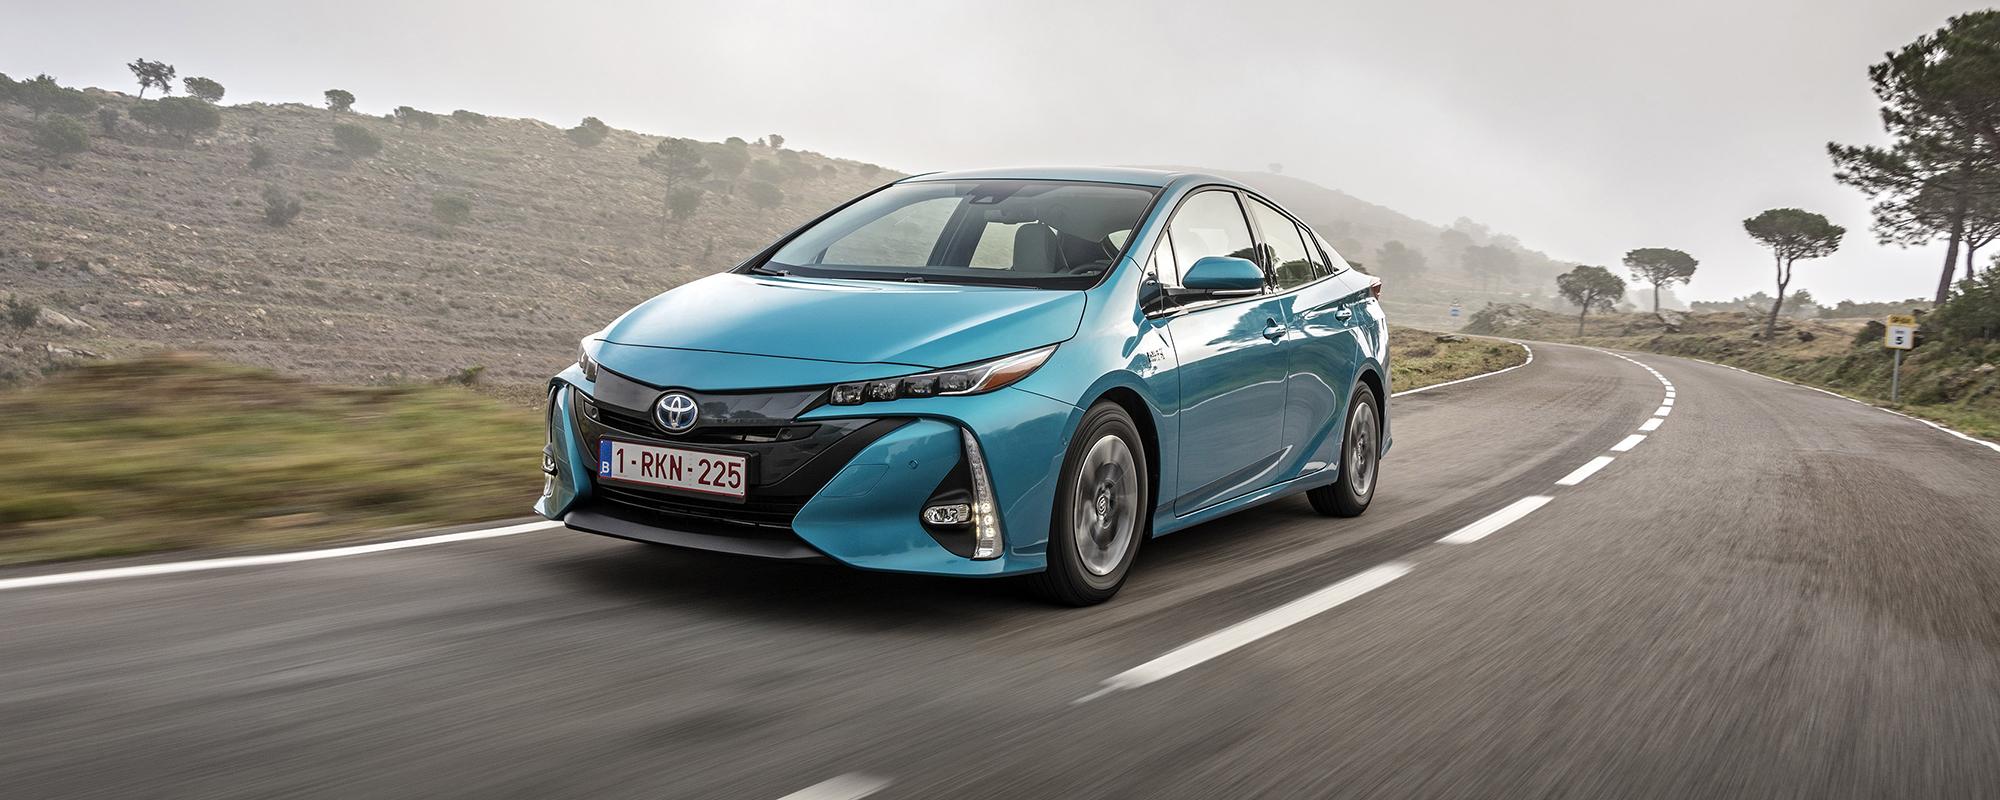 Toyota Prius Plug-in Hybrid is enige echte 'Green Machine'